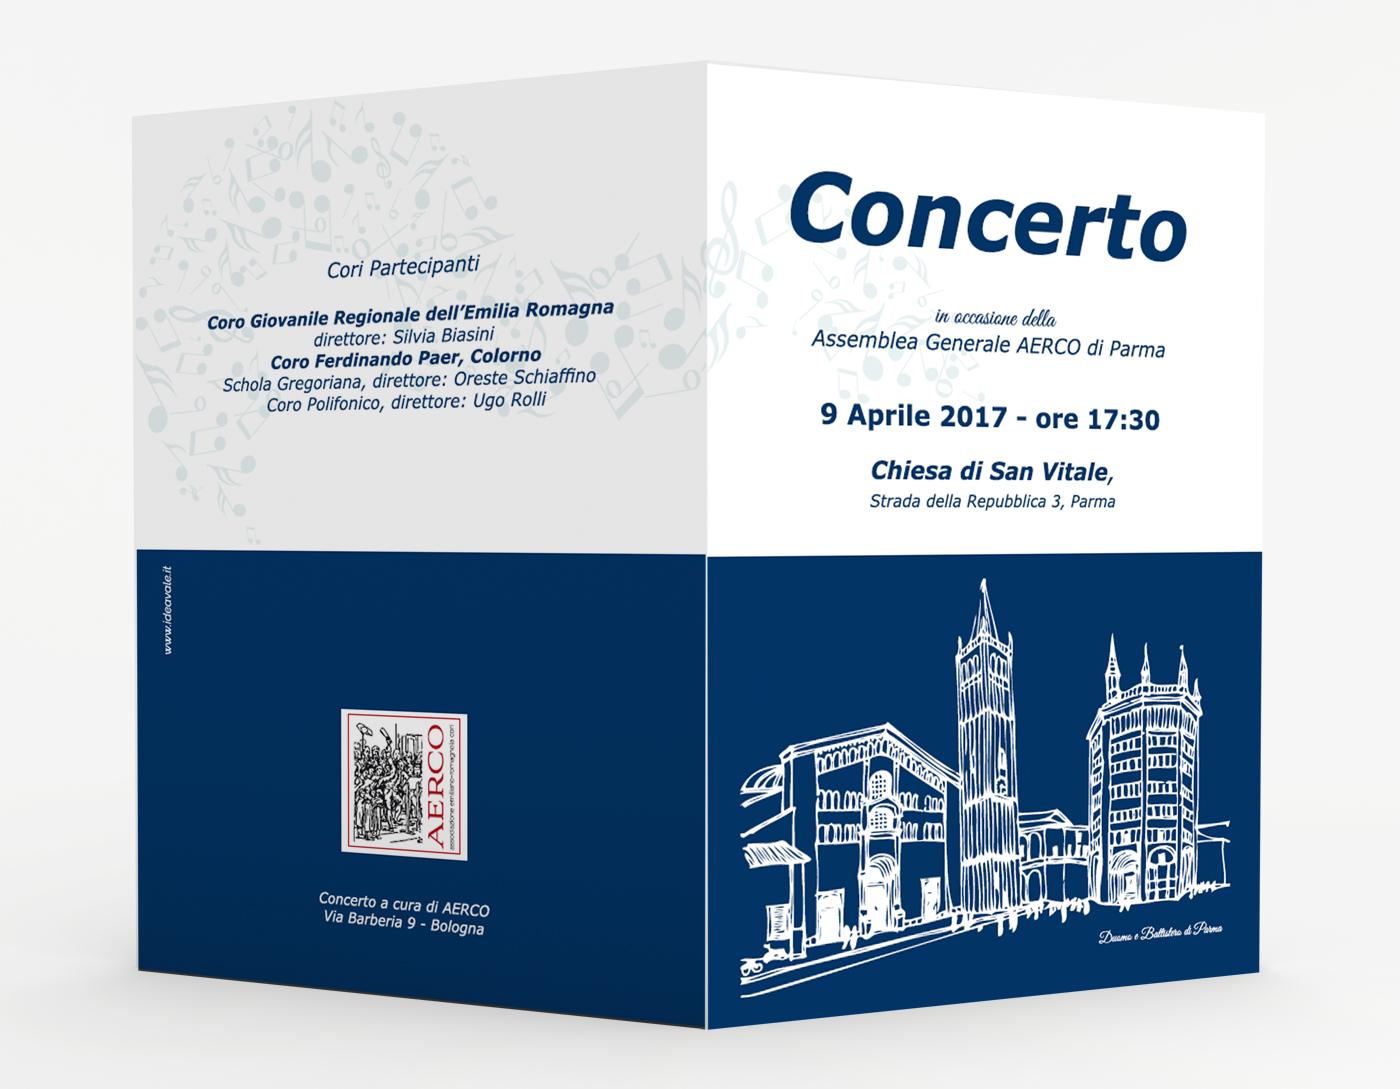 evento del 9 aprile 2017 a parla - materiali di comunicazione